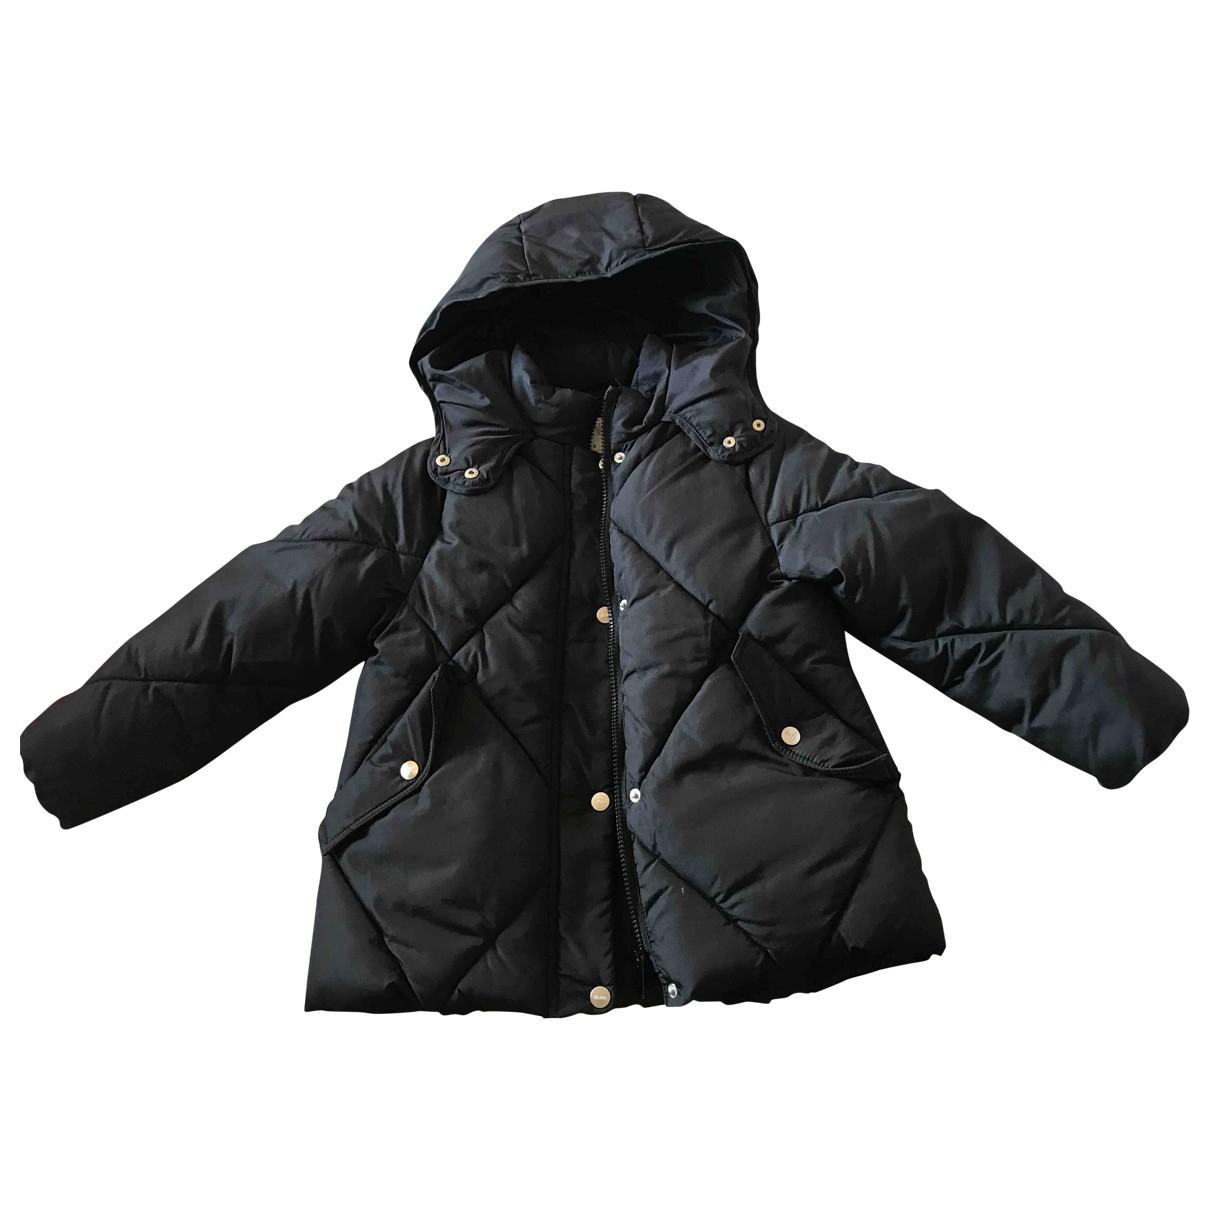 Zara - Blousons.Manteaux   pour enfant - noir